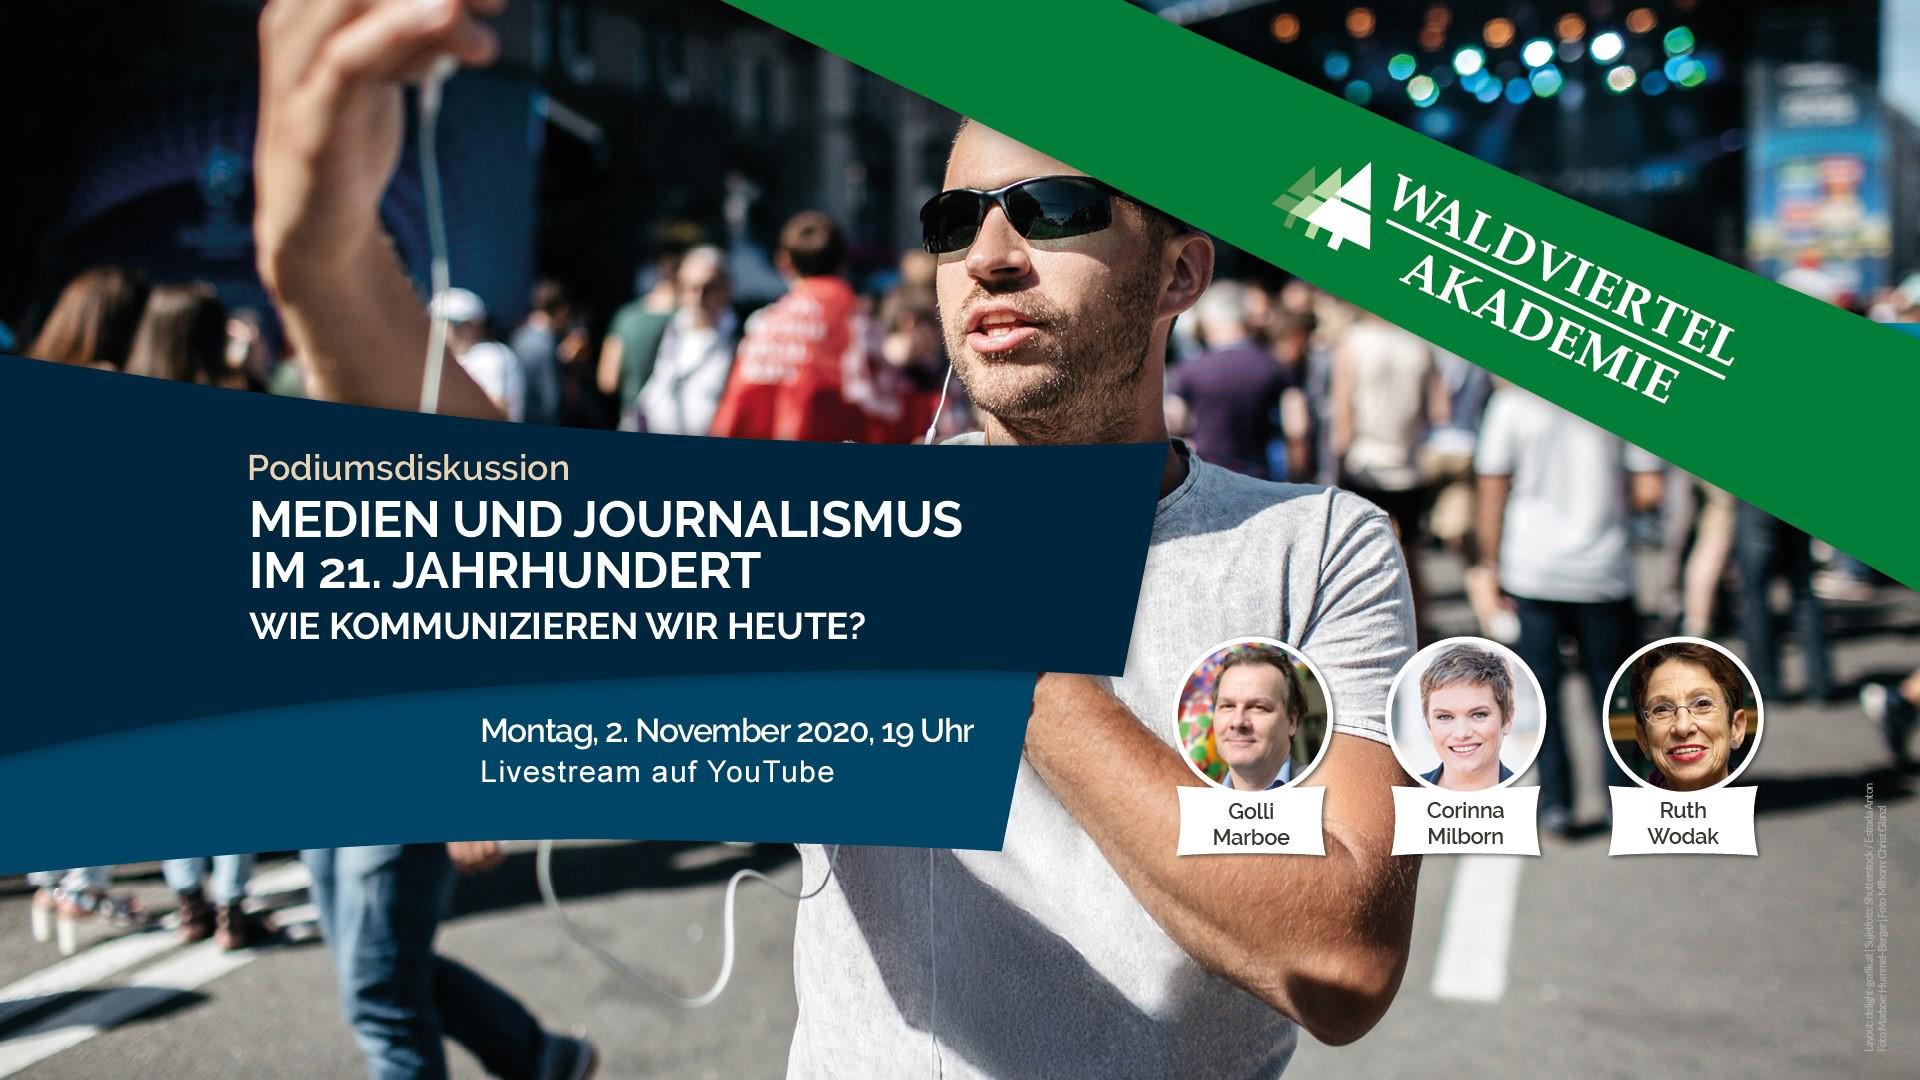 Medien und Journalismus im 21. Jahrhundert 1